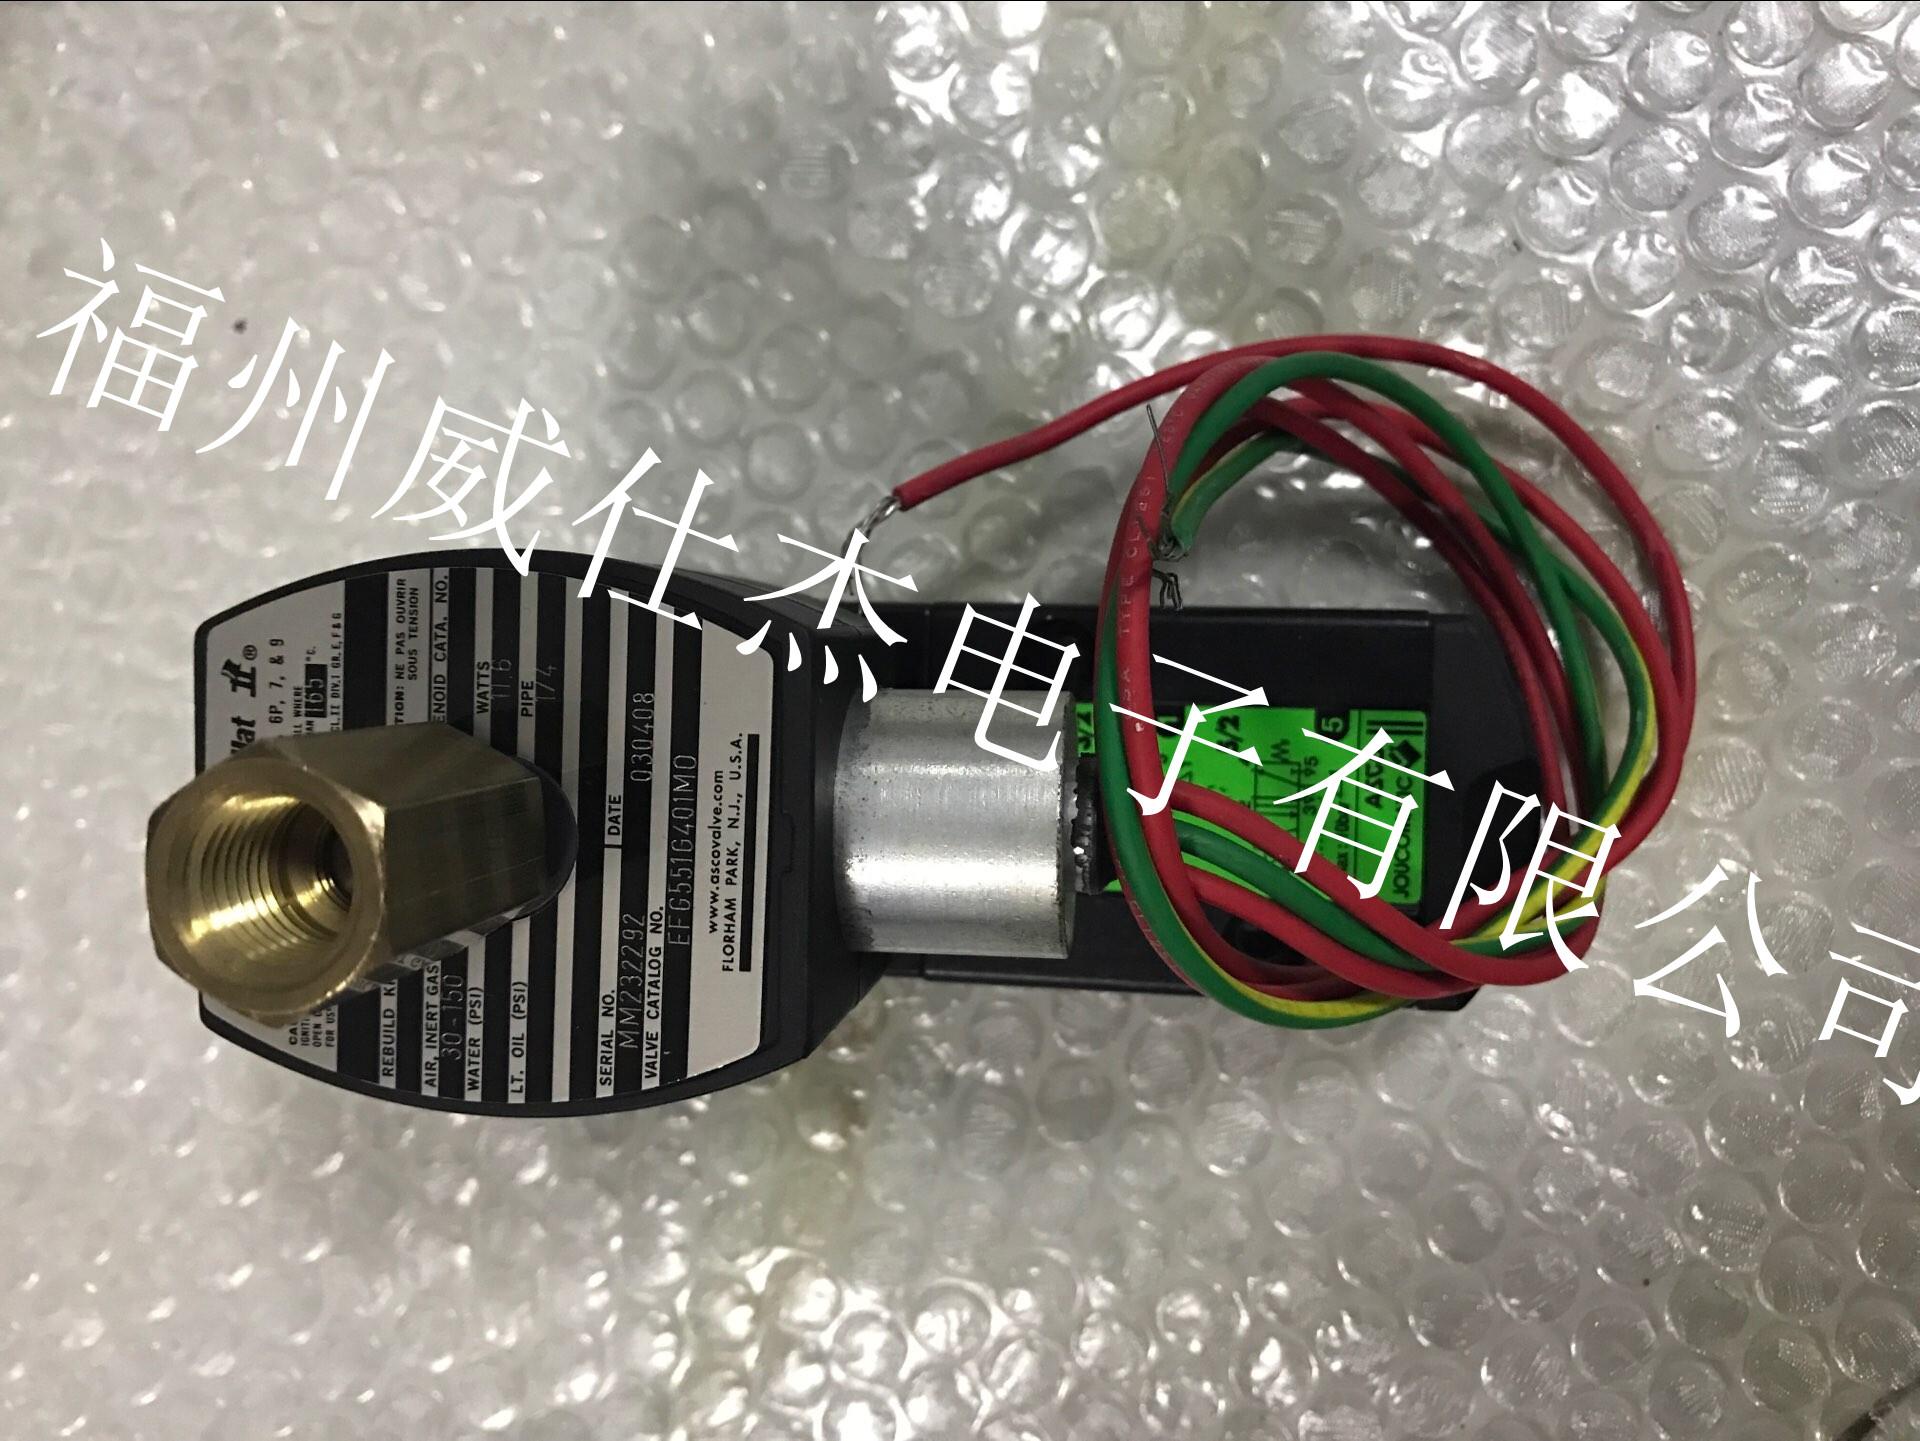 EFG551G401MO la Valvola solenoide DC24VASCO Originale un autentico falso perdere Dieci EFG551G401MO